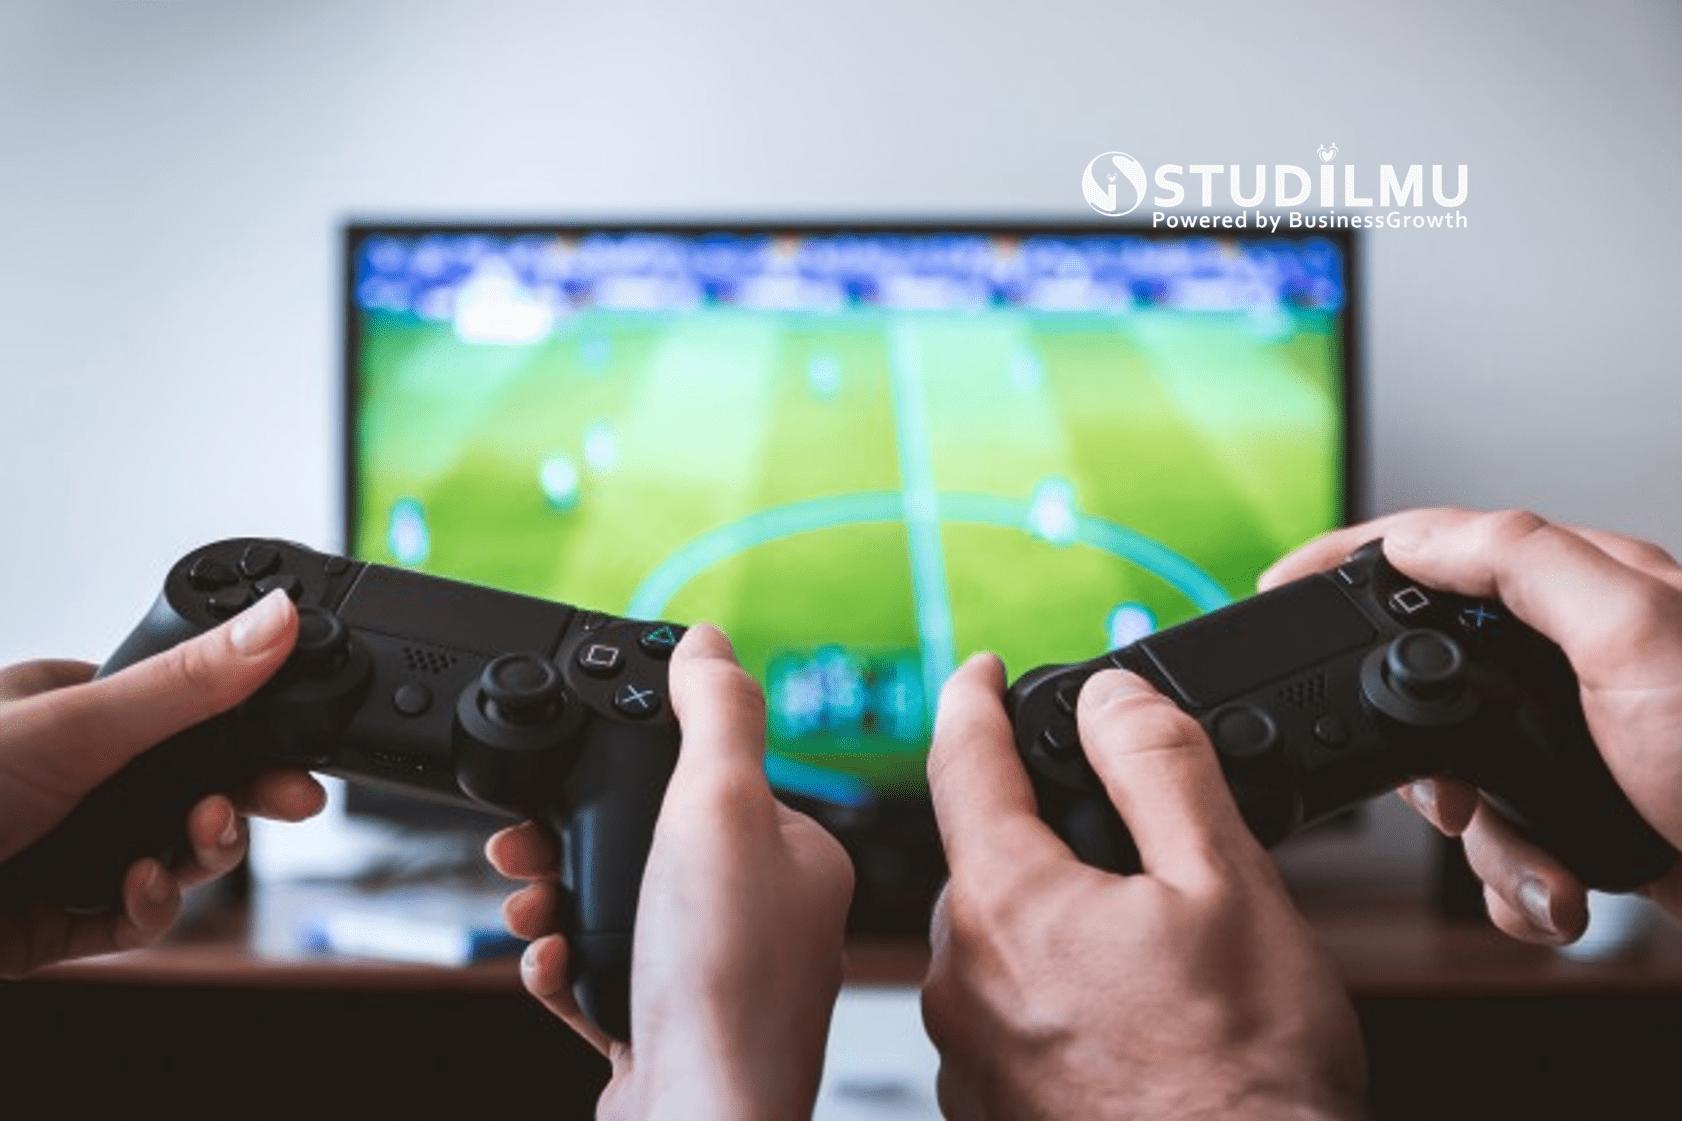 STUDILMU Career Advice - 4 Manfaat Bermain Video Games bagi Kesuksesan